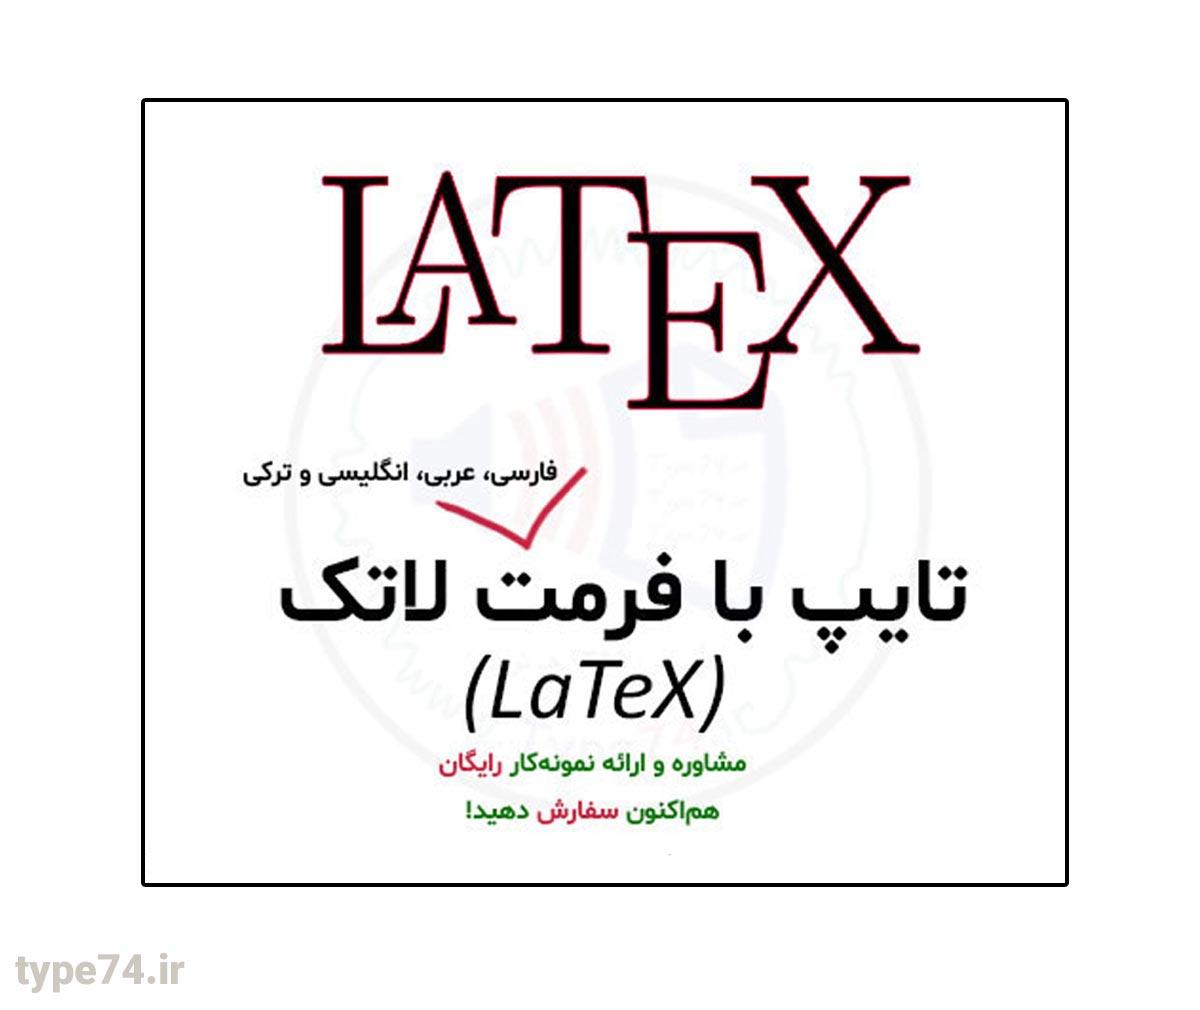 تایپ لاتکس